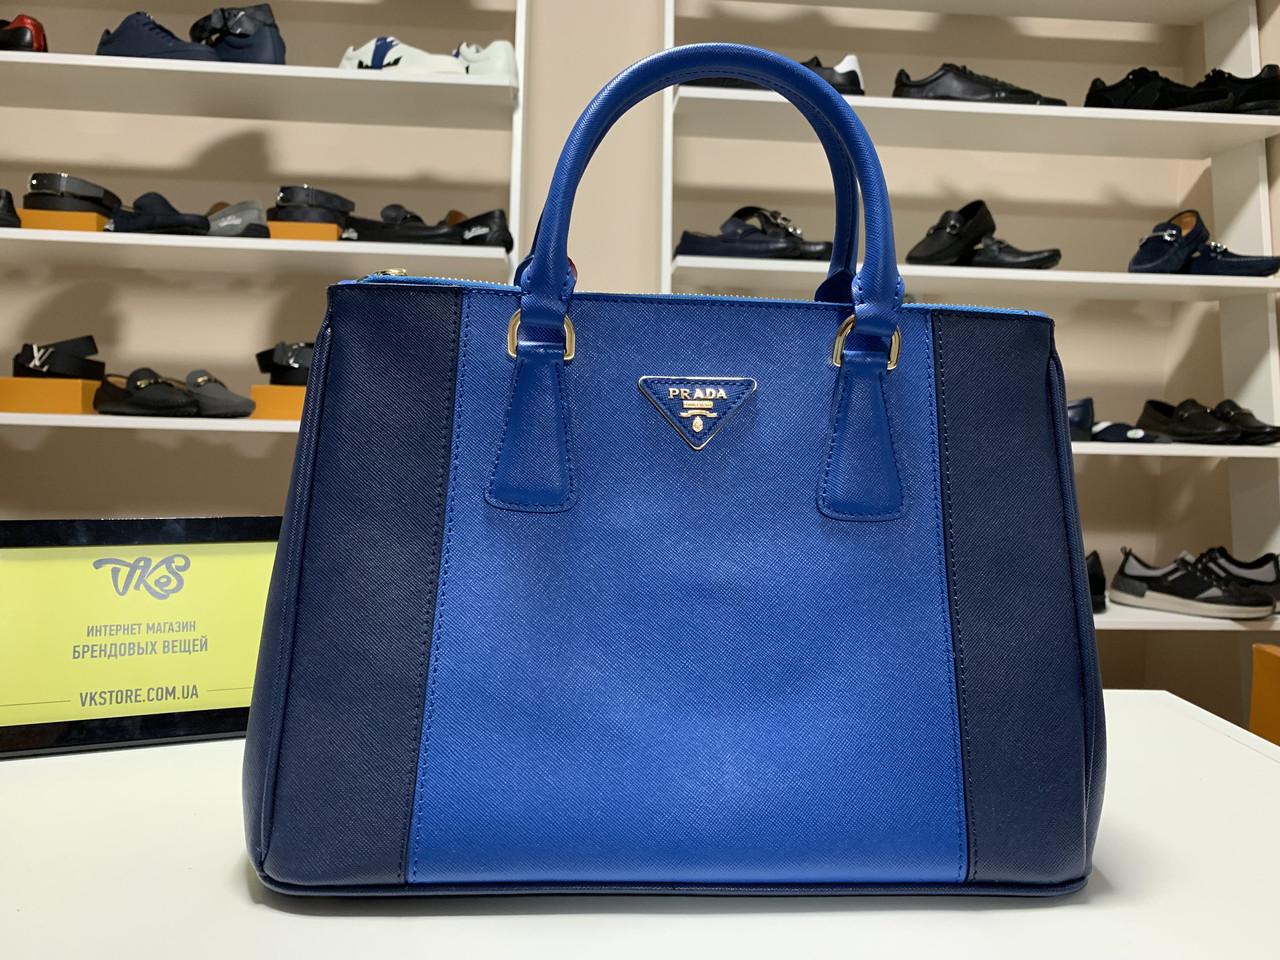 Женская сумка Prada реплика 7А класса